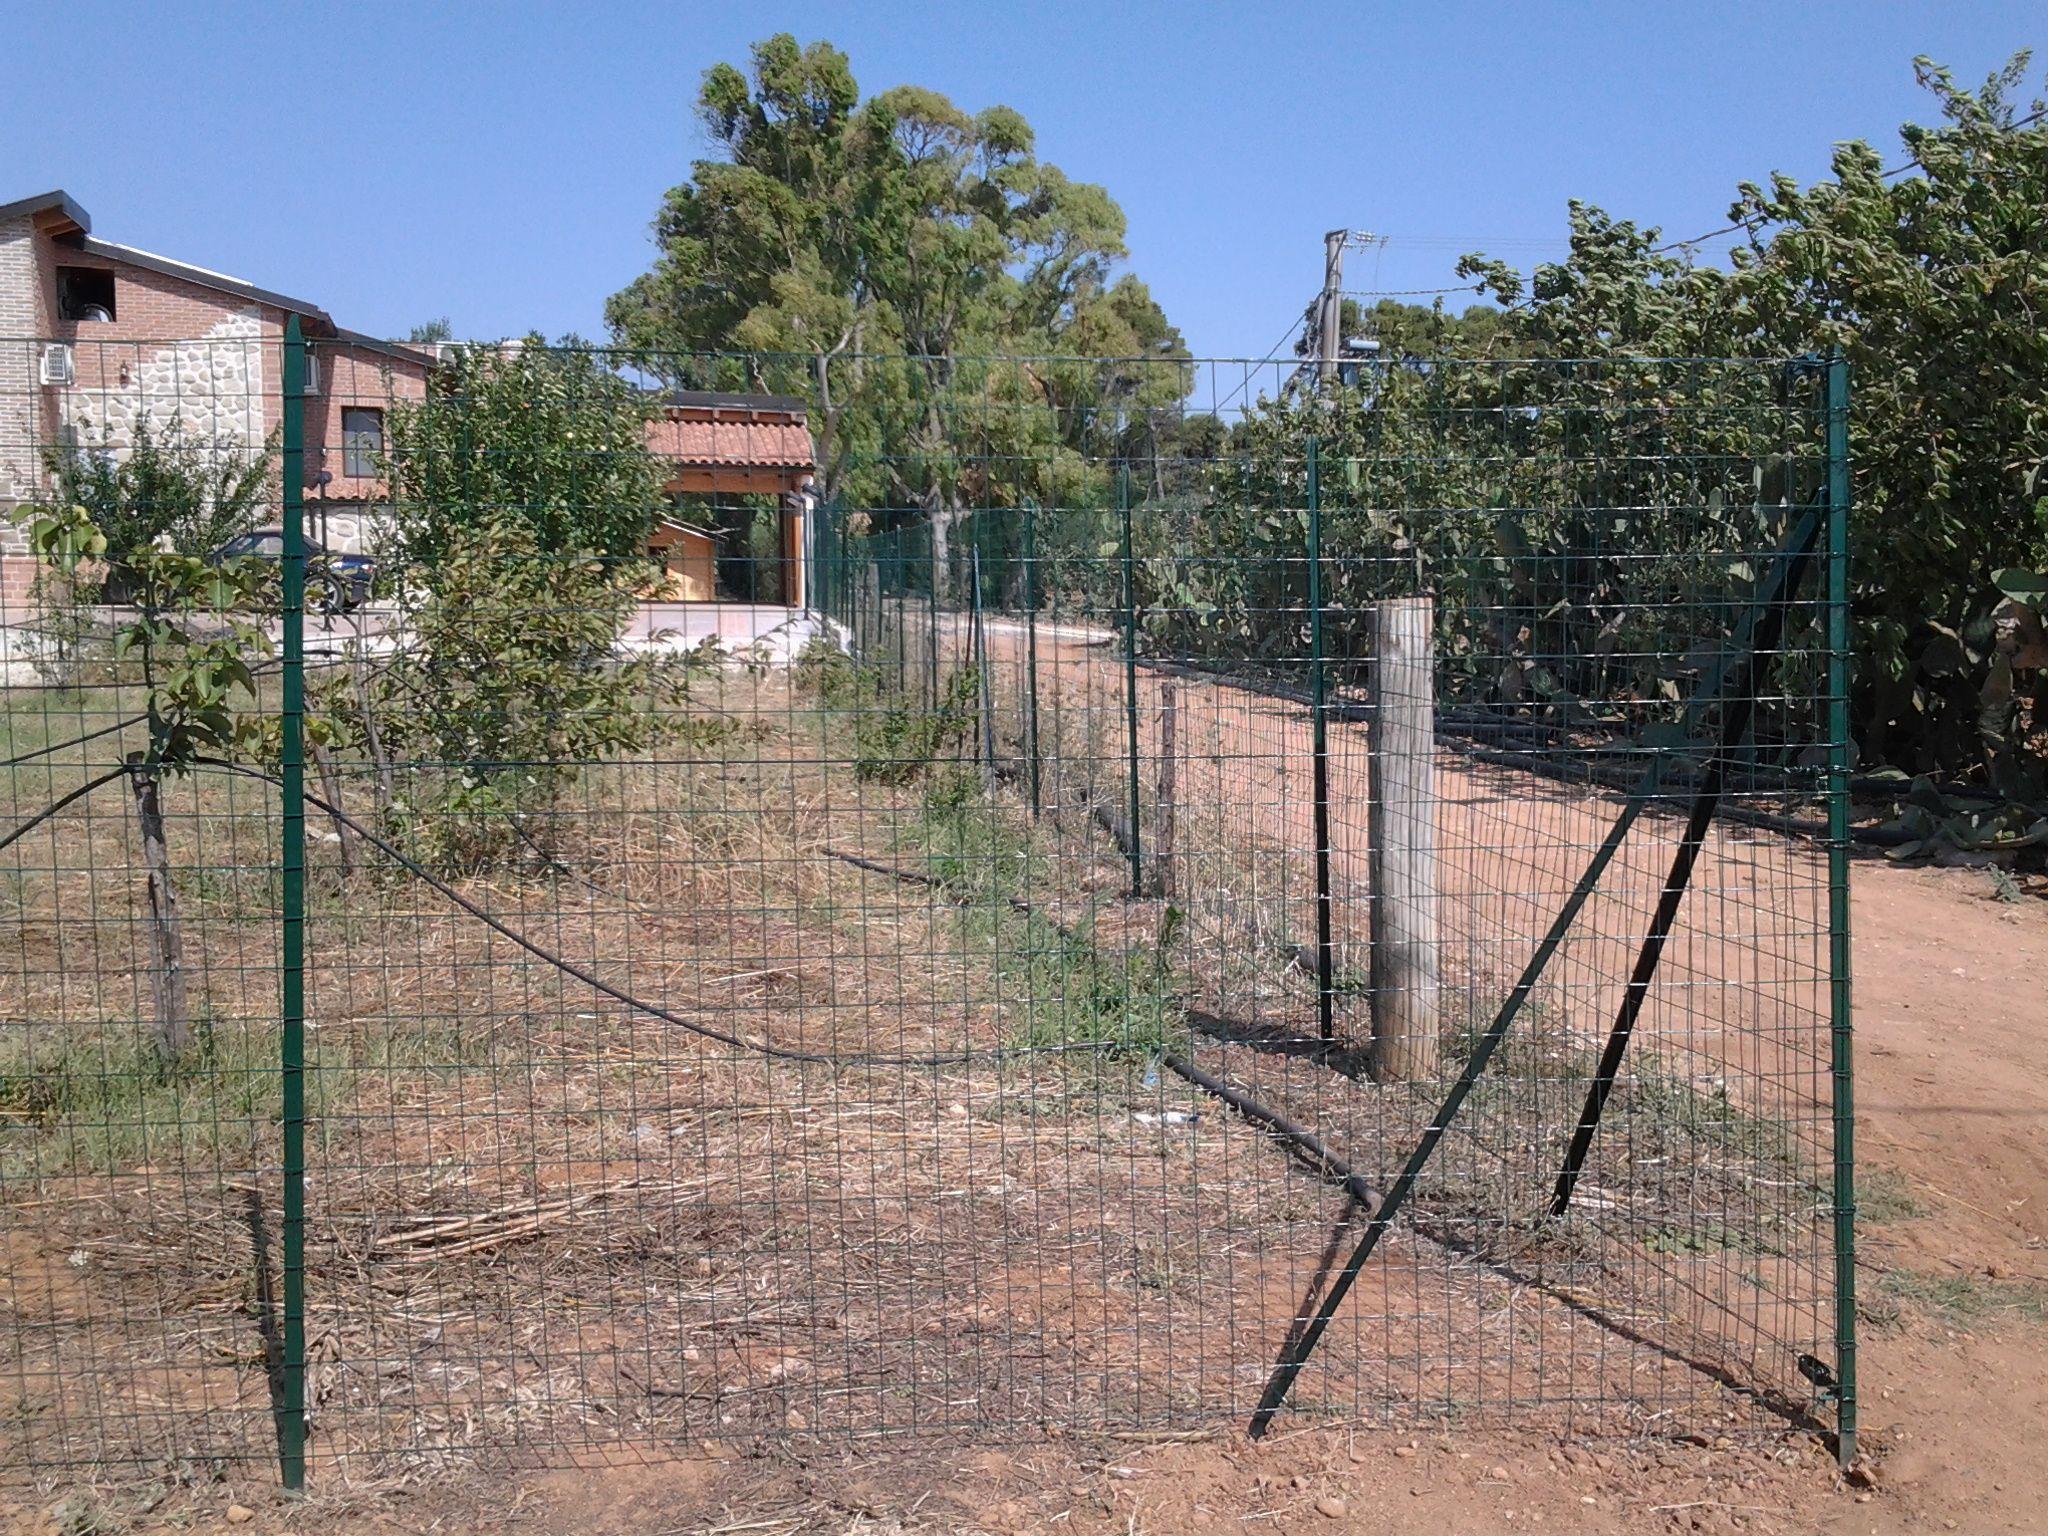 Servizio montaggio scaffalature e posa recinzioni modulari - Recinzione economica giardino ...